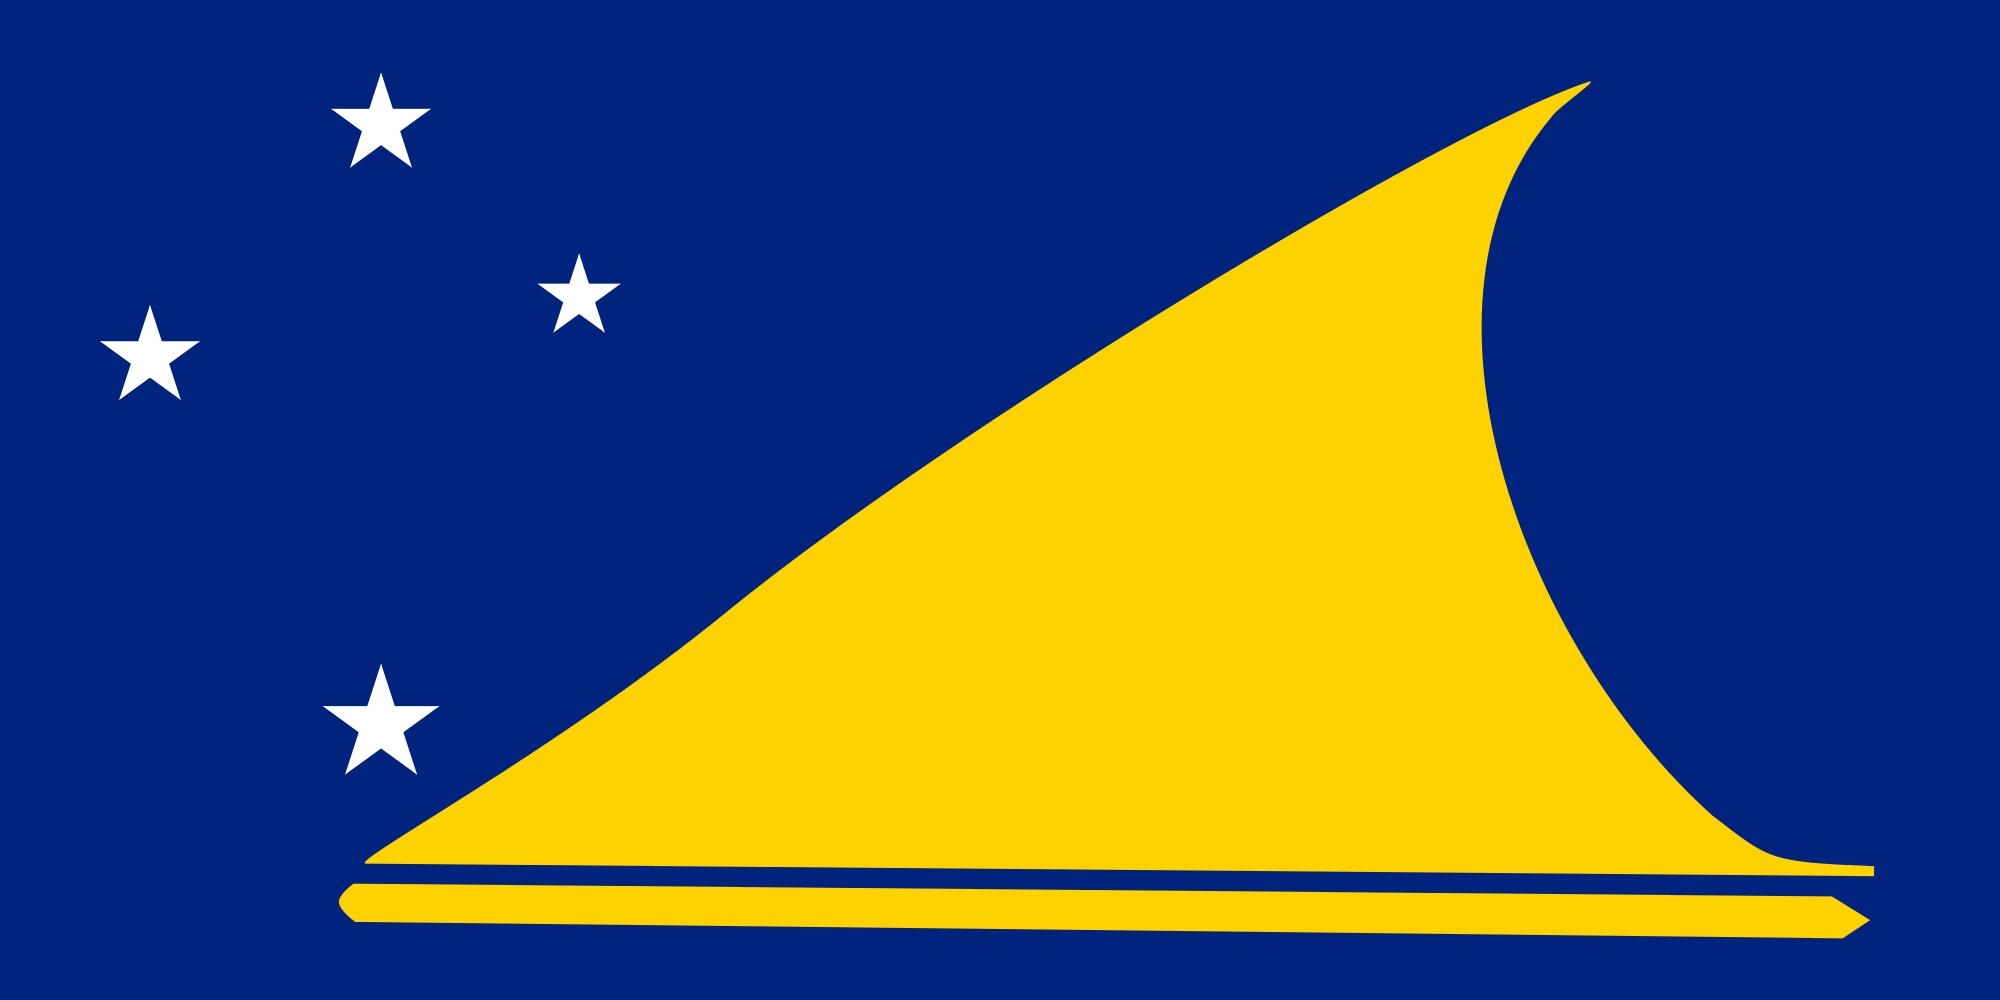 tokelau, 国家, 会徽, 徽标, 符号 - 高清壁纸 - 教授-falken.com